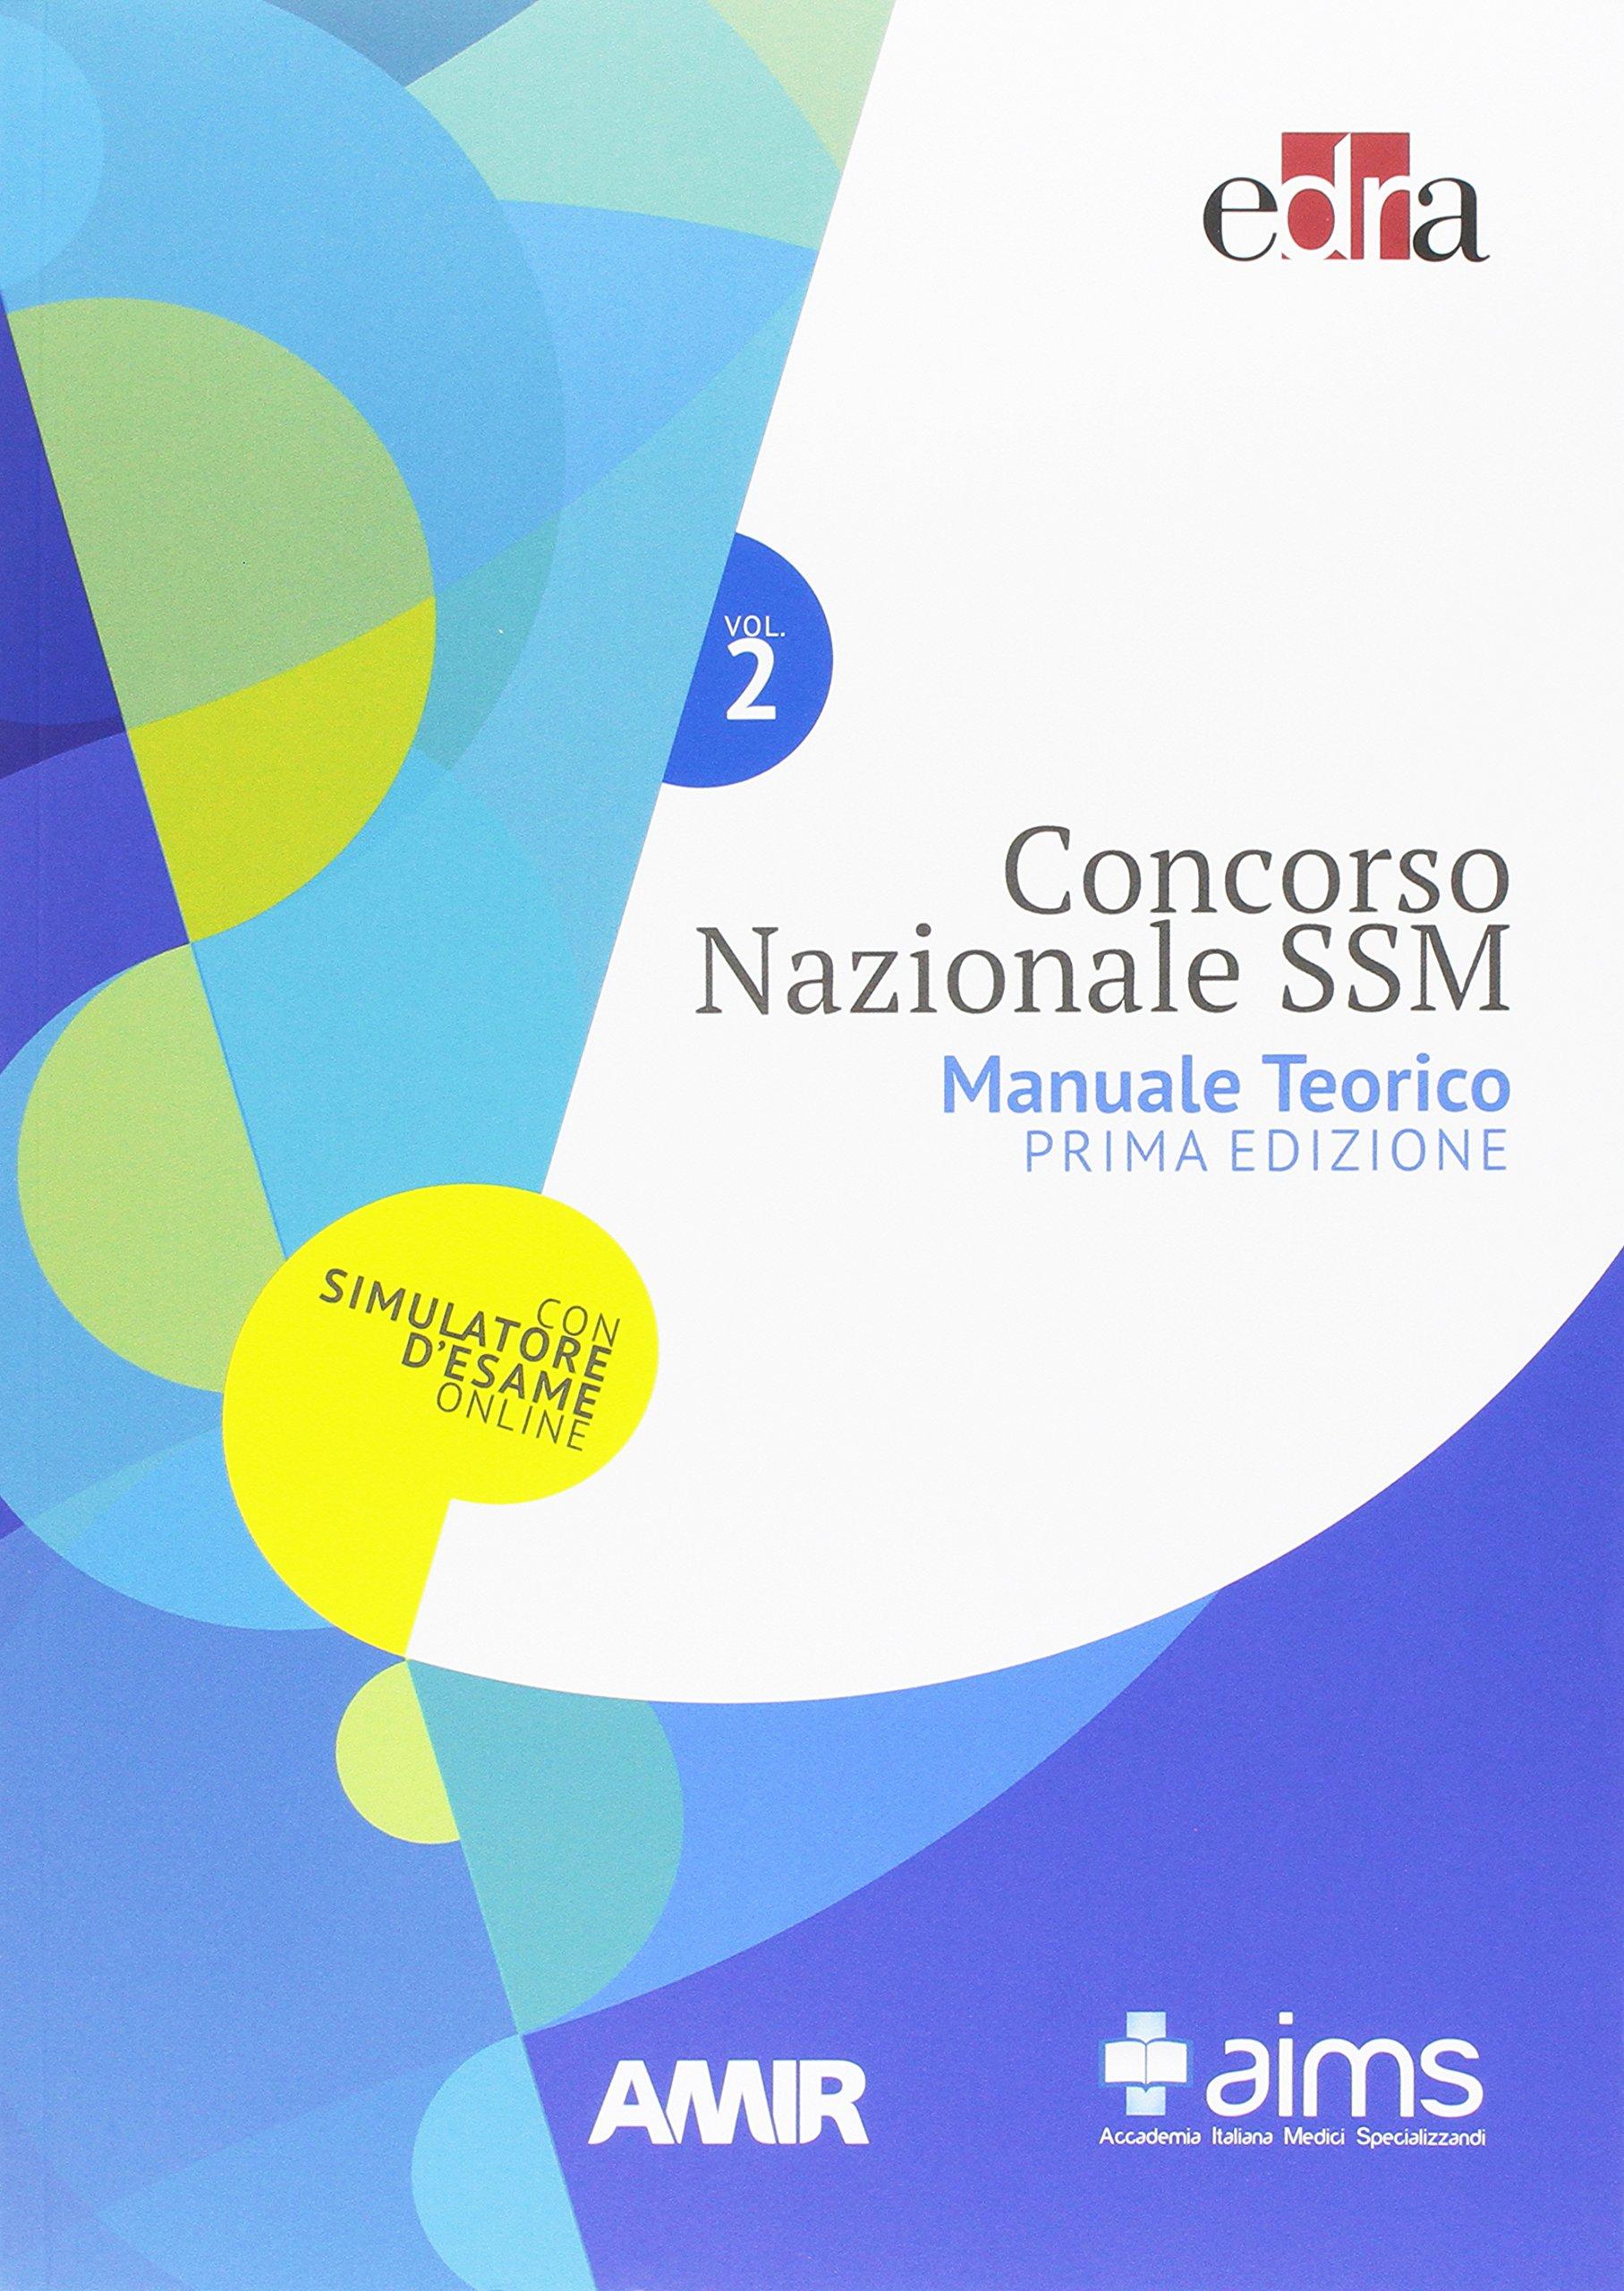 Concorso nazionale specializzazioni mediche 4 volumi: Amazon.it: AA.VV.:  Libri